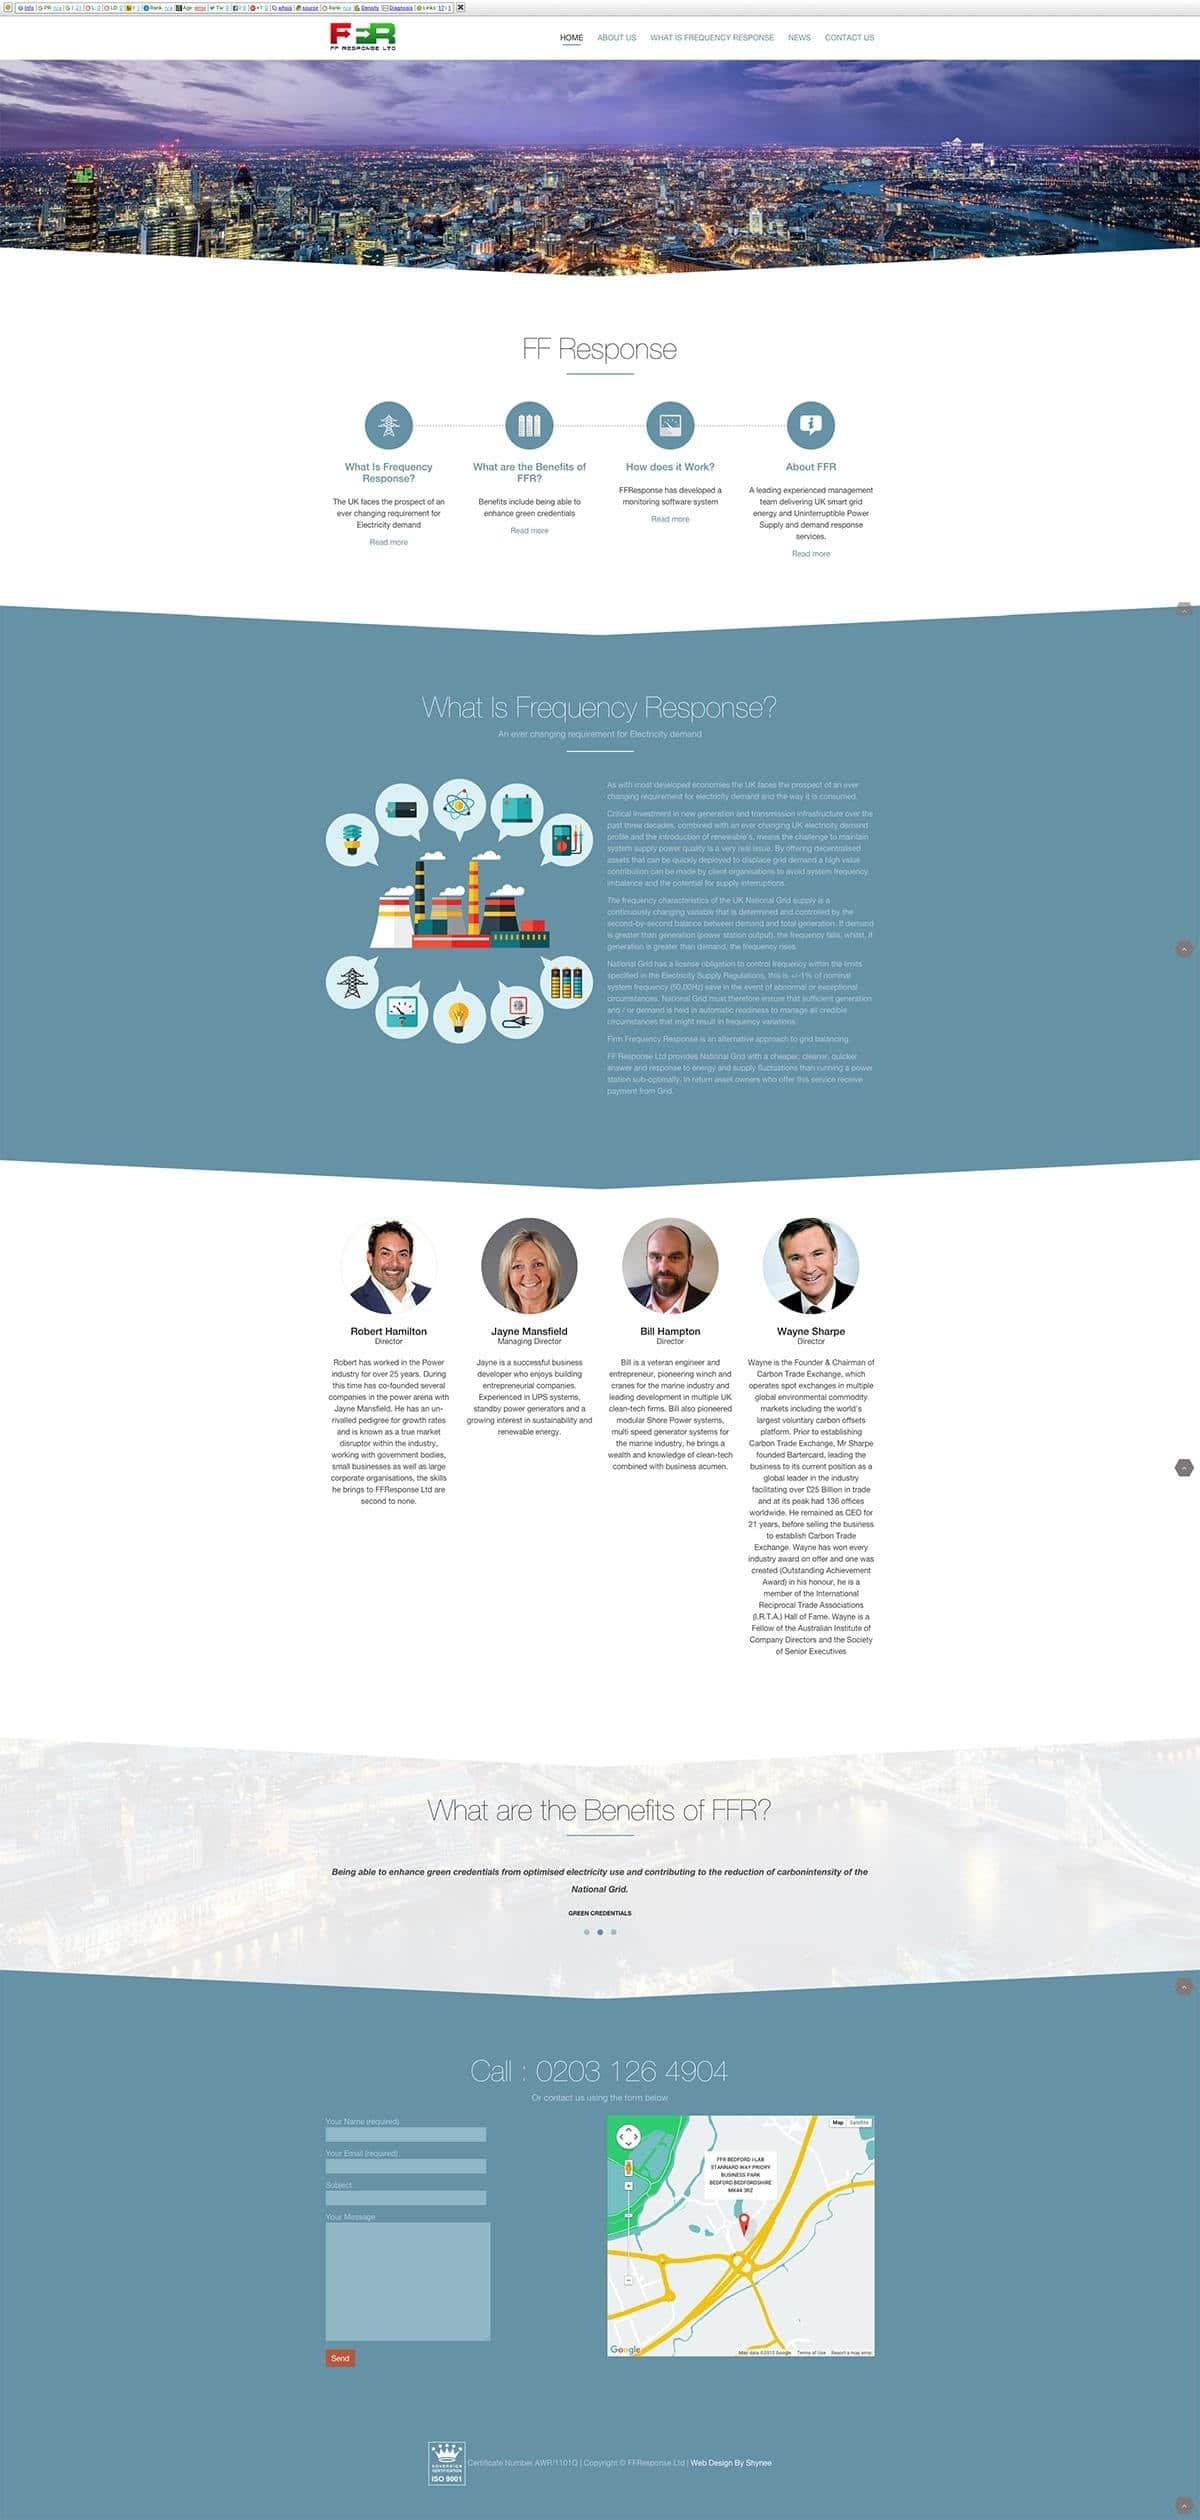 About FFR | Shynee Web Design